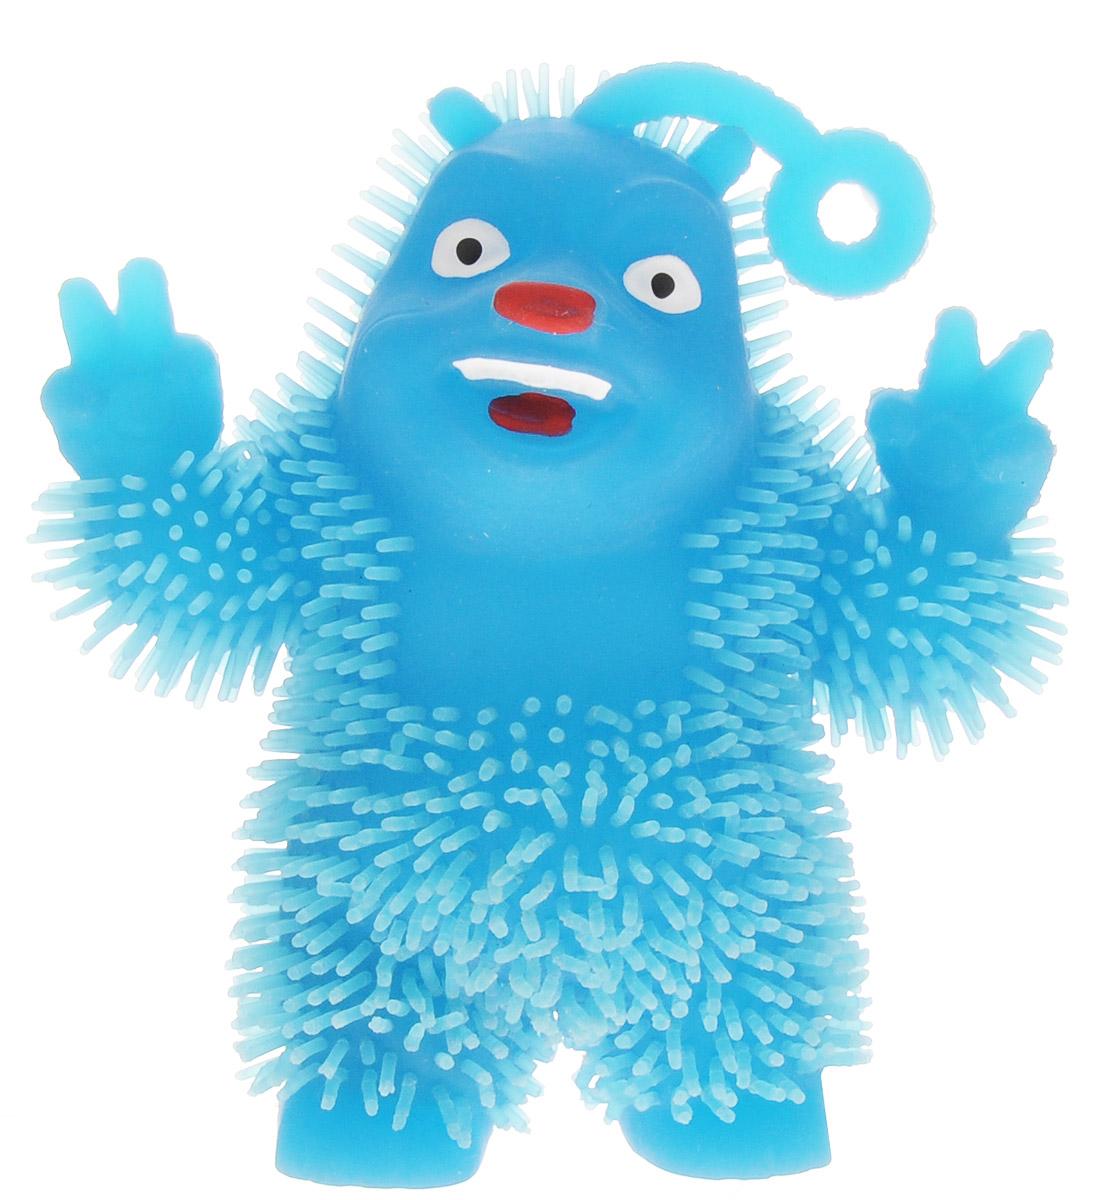 1TOY Игрушка-антистресс Ё-Ёжик Медвежонок-хиппи цвет синийТ58186_синийМедвежонок-хиппи 1TOY Ё-Ёжик - это яркая игрушка-антистресс - мягкая, приятная на ощупь и напоминающая свернувшегося ежика. Взяв игрушку в руки, расстаться с ней просто невозможно! Ее не только приятно держать в руках, если перекинуть игрушку из руки в руку, она начнет мигать цветными огоньками. Игрушка синего цвета в виде забавного медведя с петлей-тянучкой и короткими мягкими колючками понравится всем без исключения. Данная игрушка рассчитана на широкую целевую аудиторию, как на детей от трех лет, так и взрослых. Ё-Ёжик обязательно станет самым любимым забавным сувениром.